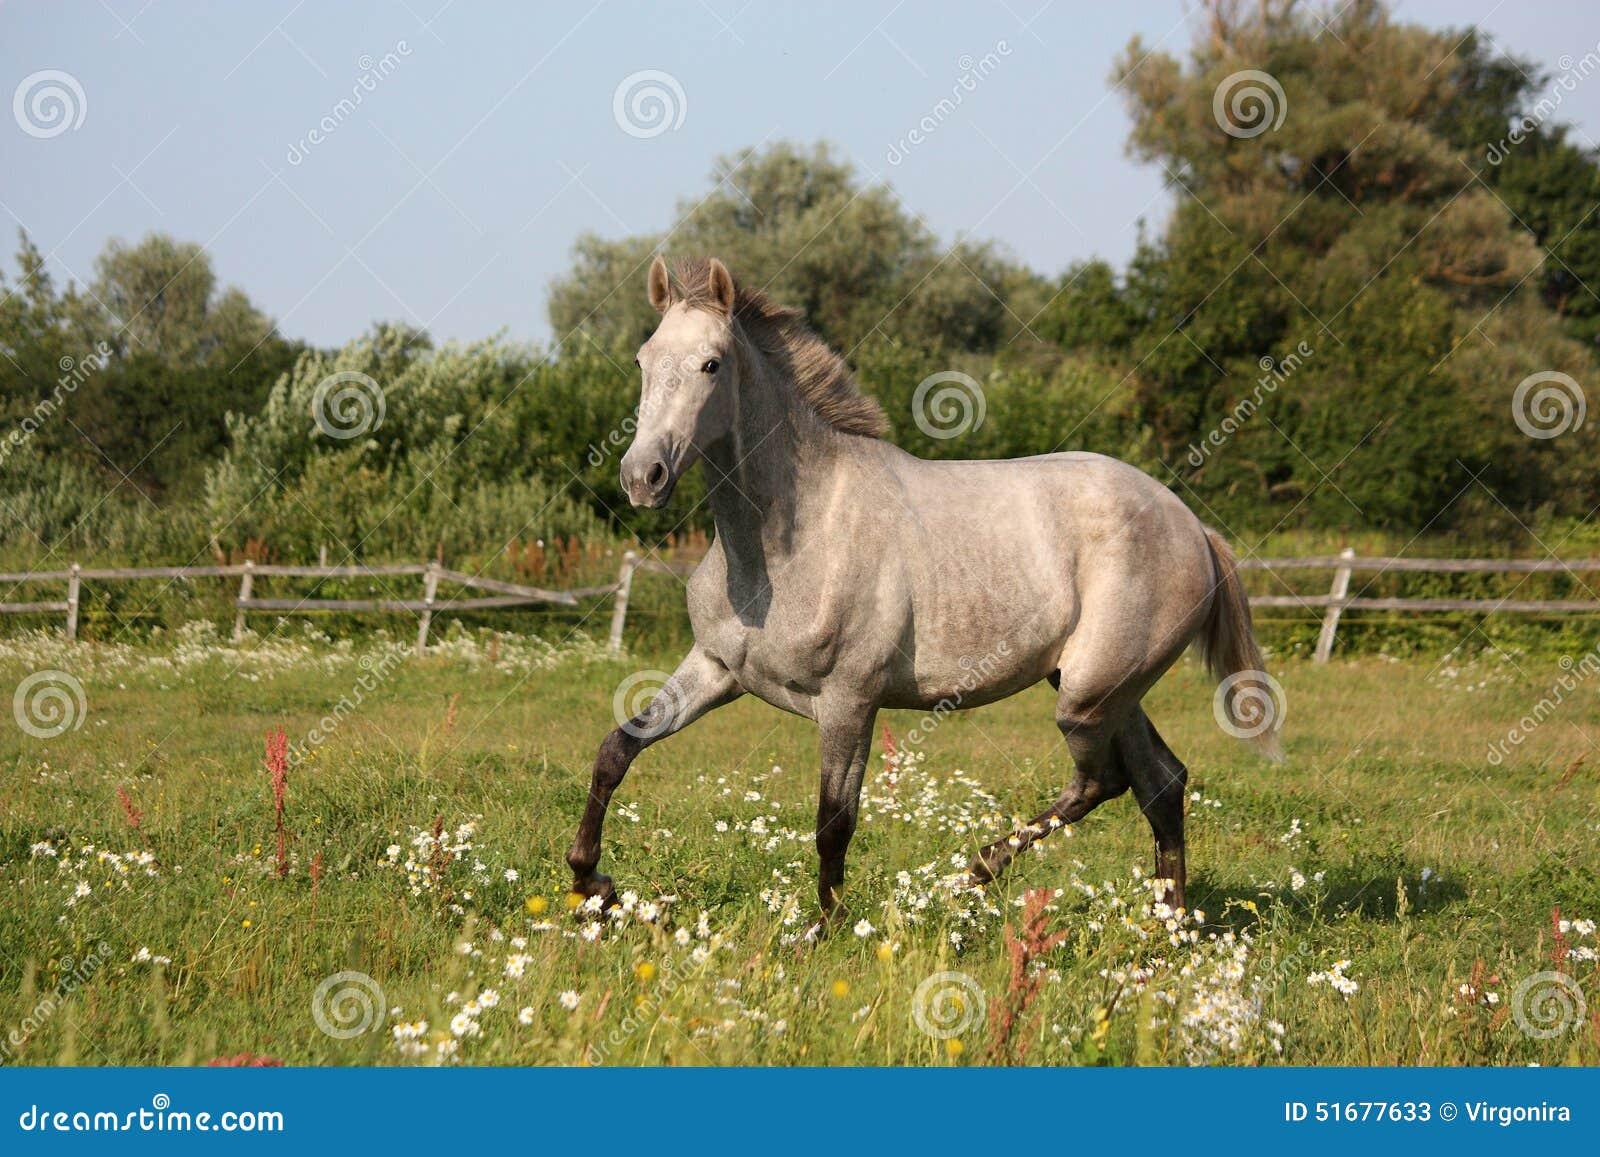 beau trot andalou gris de poulain jeune cheval gratuit